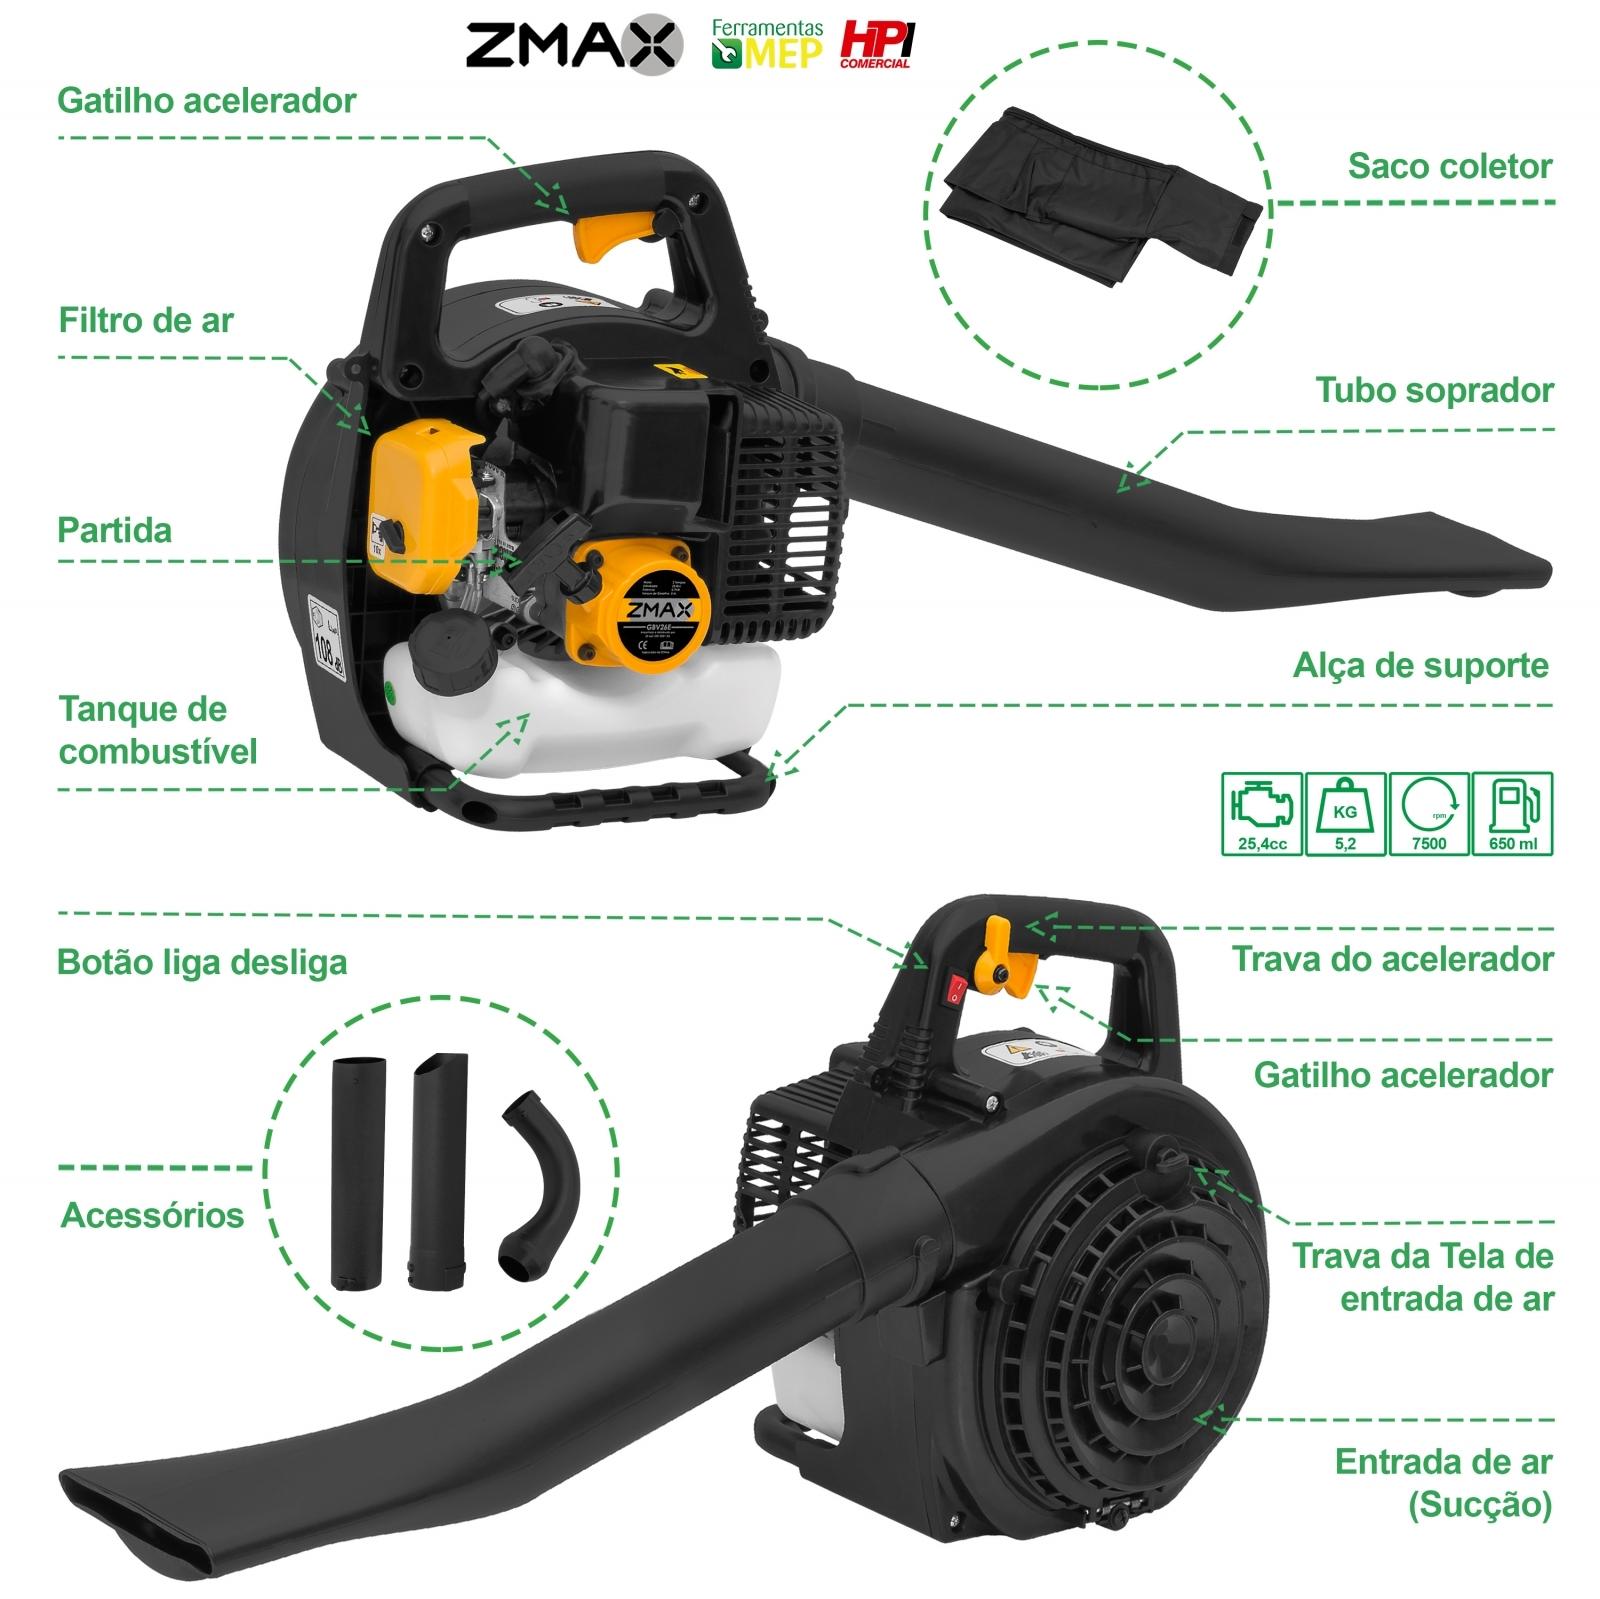 Soprador De Folhas A Gasolina Zmax GB25 - Ferramentas MEP